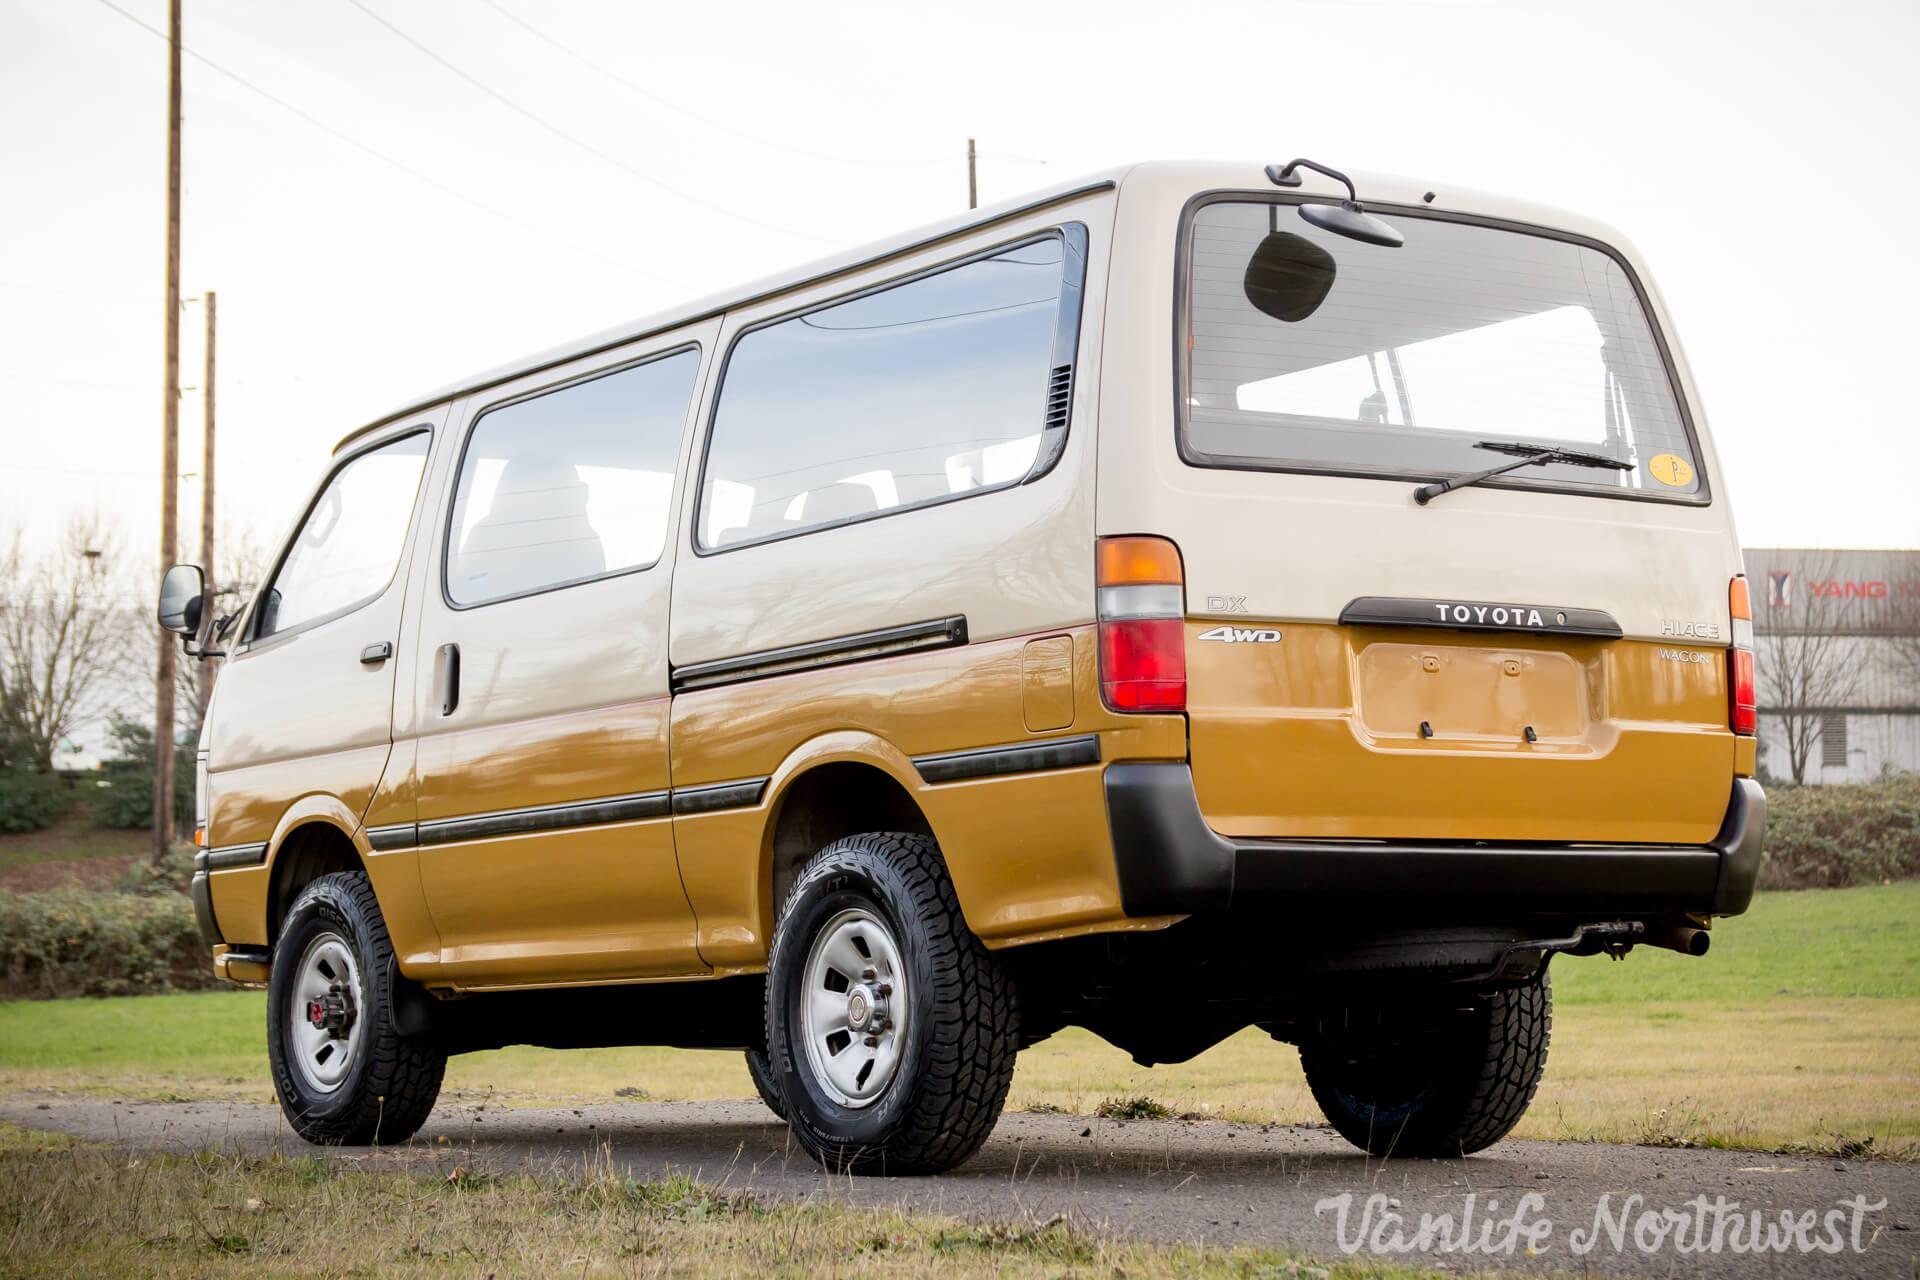 ToyotaHiaceLH117Aric-11.jpg